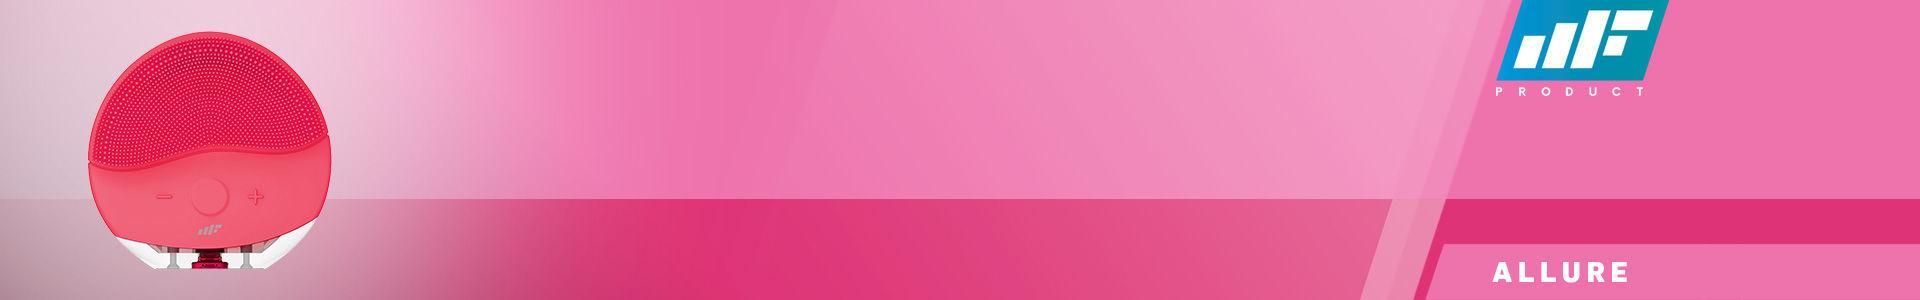 MF Product Allure 0518 Yüz Temizleme ve Masaj Cihazı Kırmızı için en iyi fiyatı buldun!